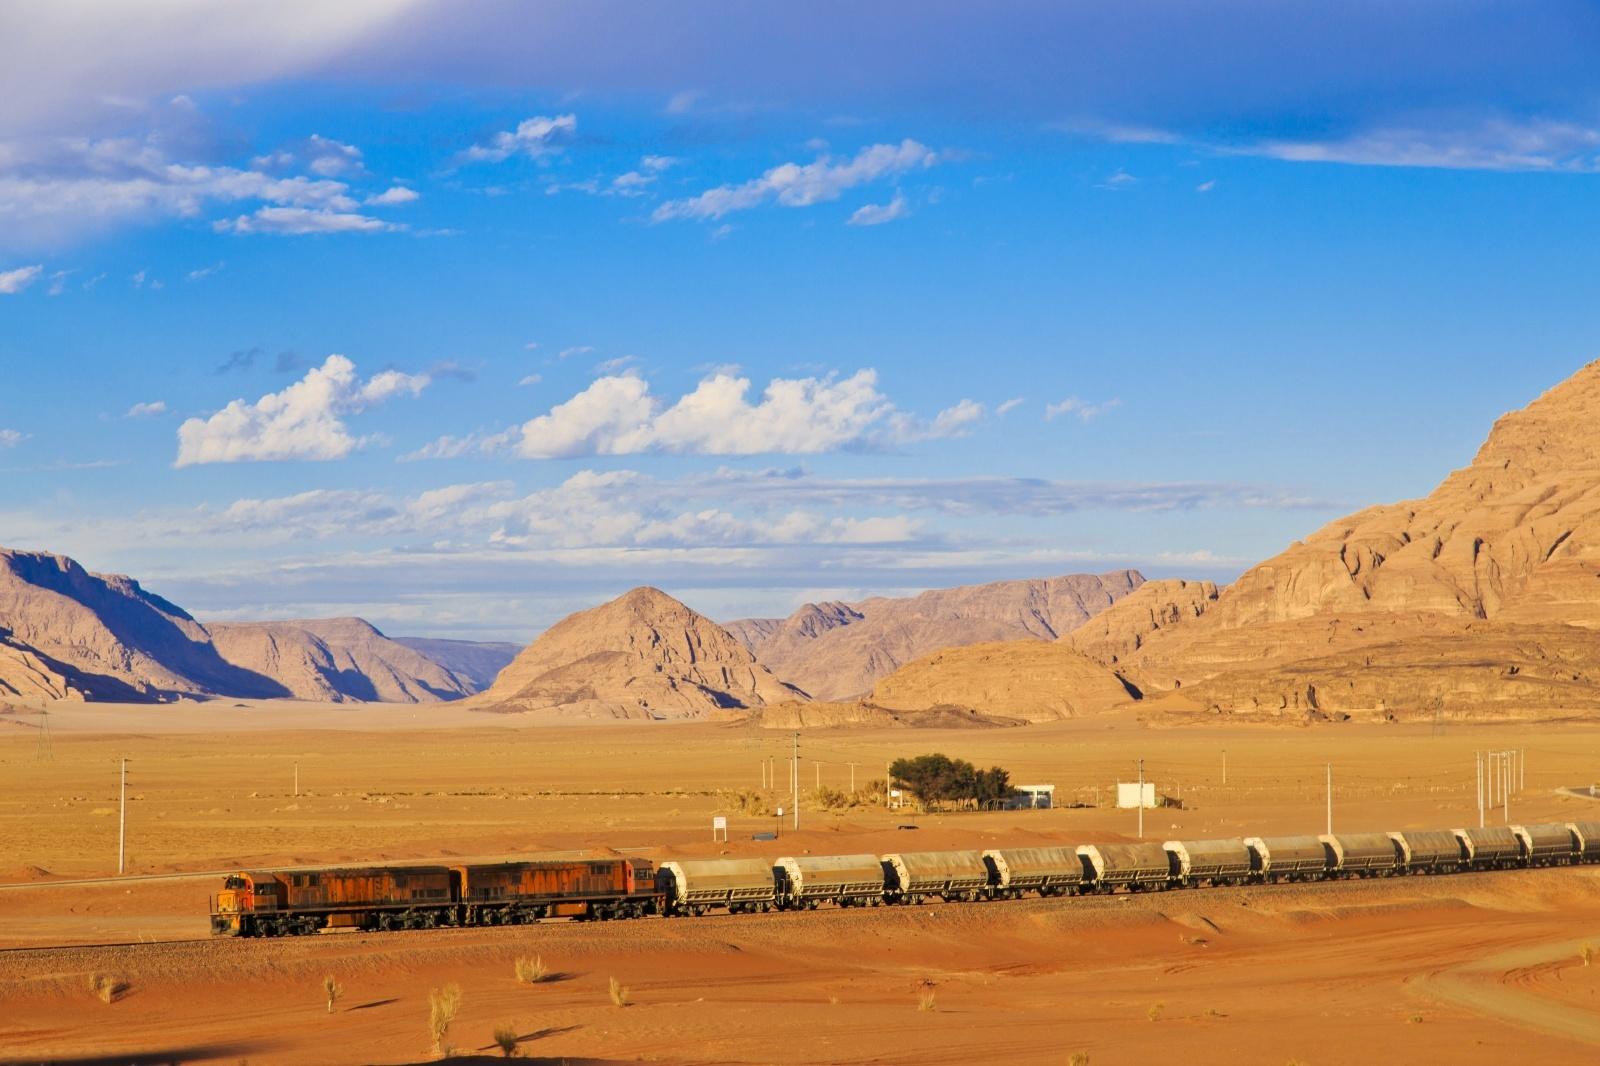 アラブの砂漠を行く貨物列車 中東の鉄道風景